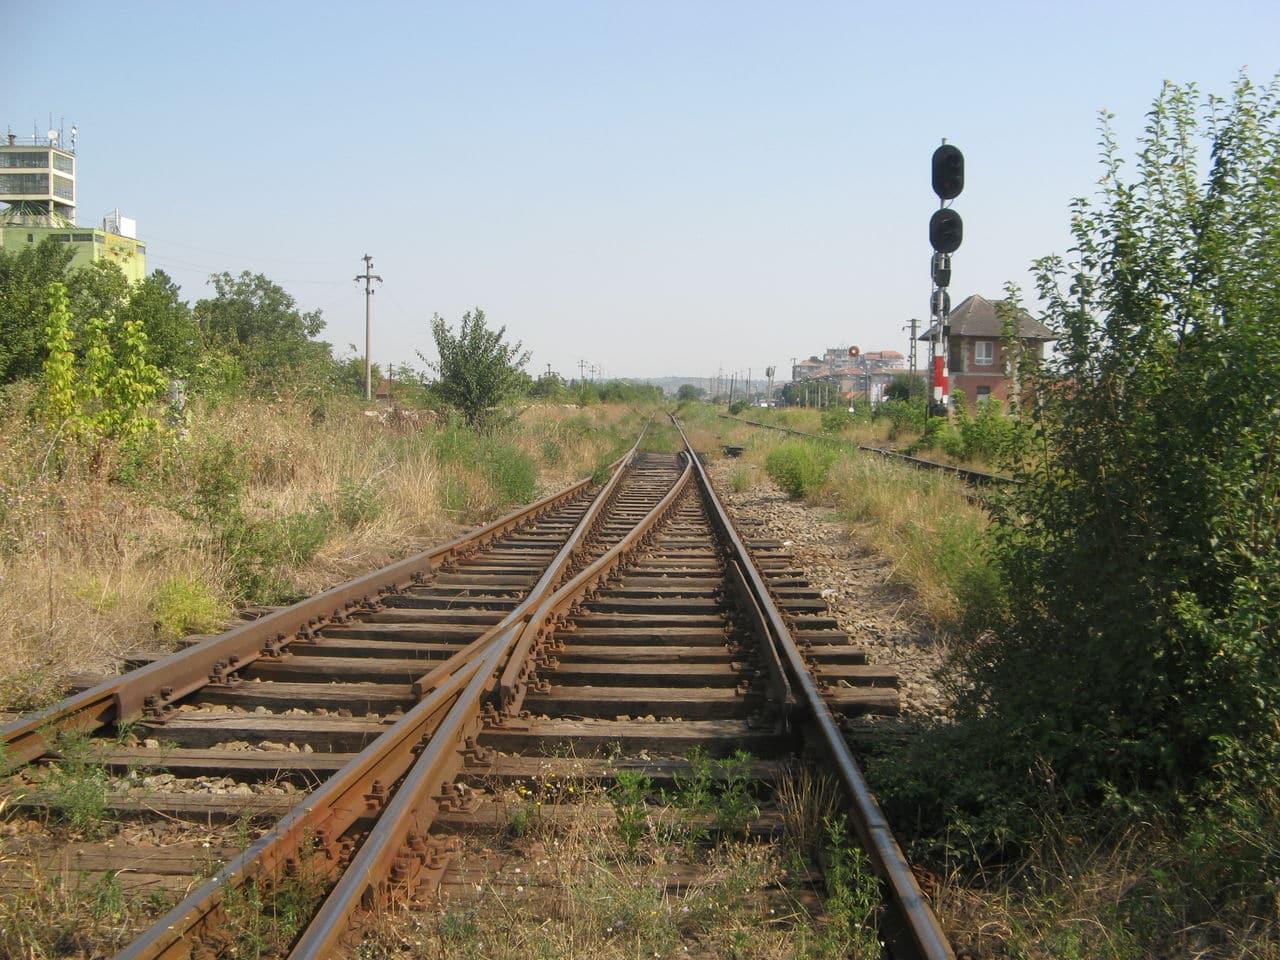 Calea ferată directă Oradea Vest - Episcopia Bihor IMG_0005